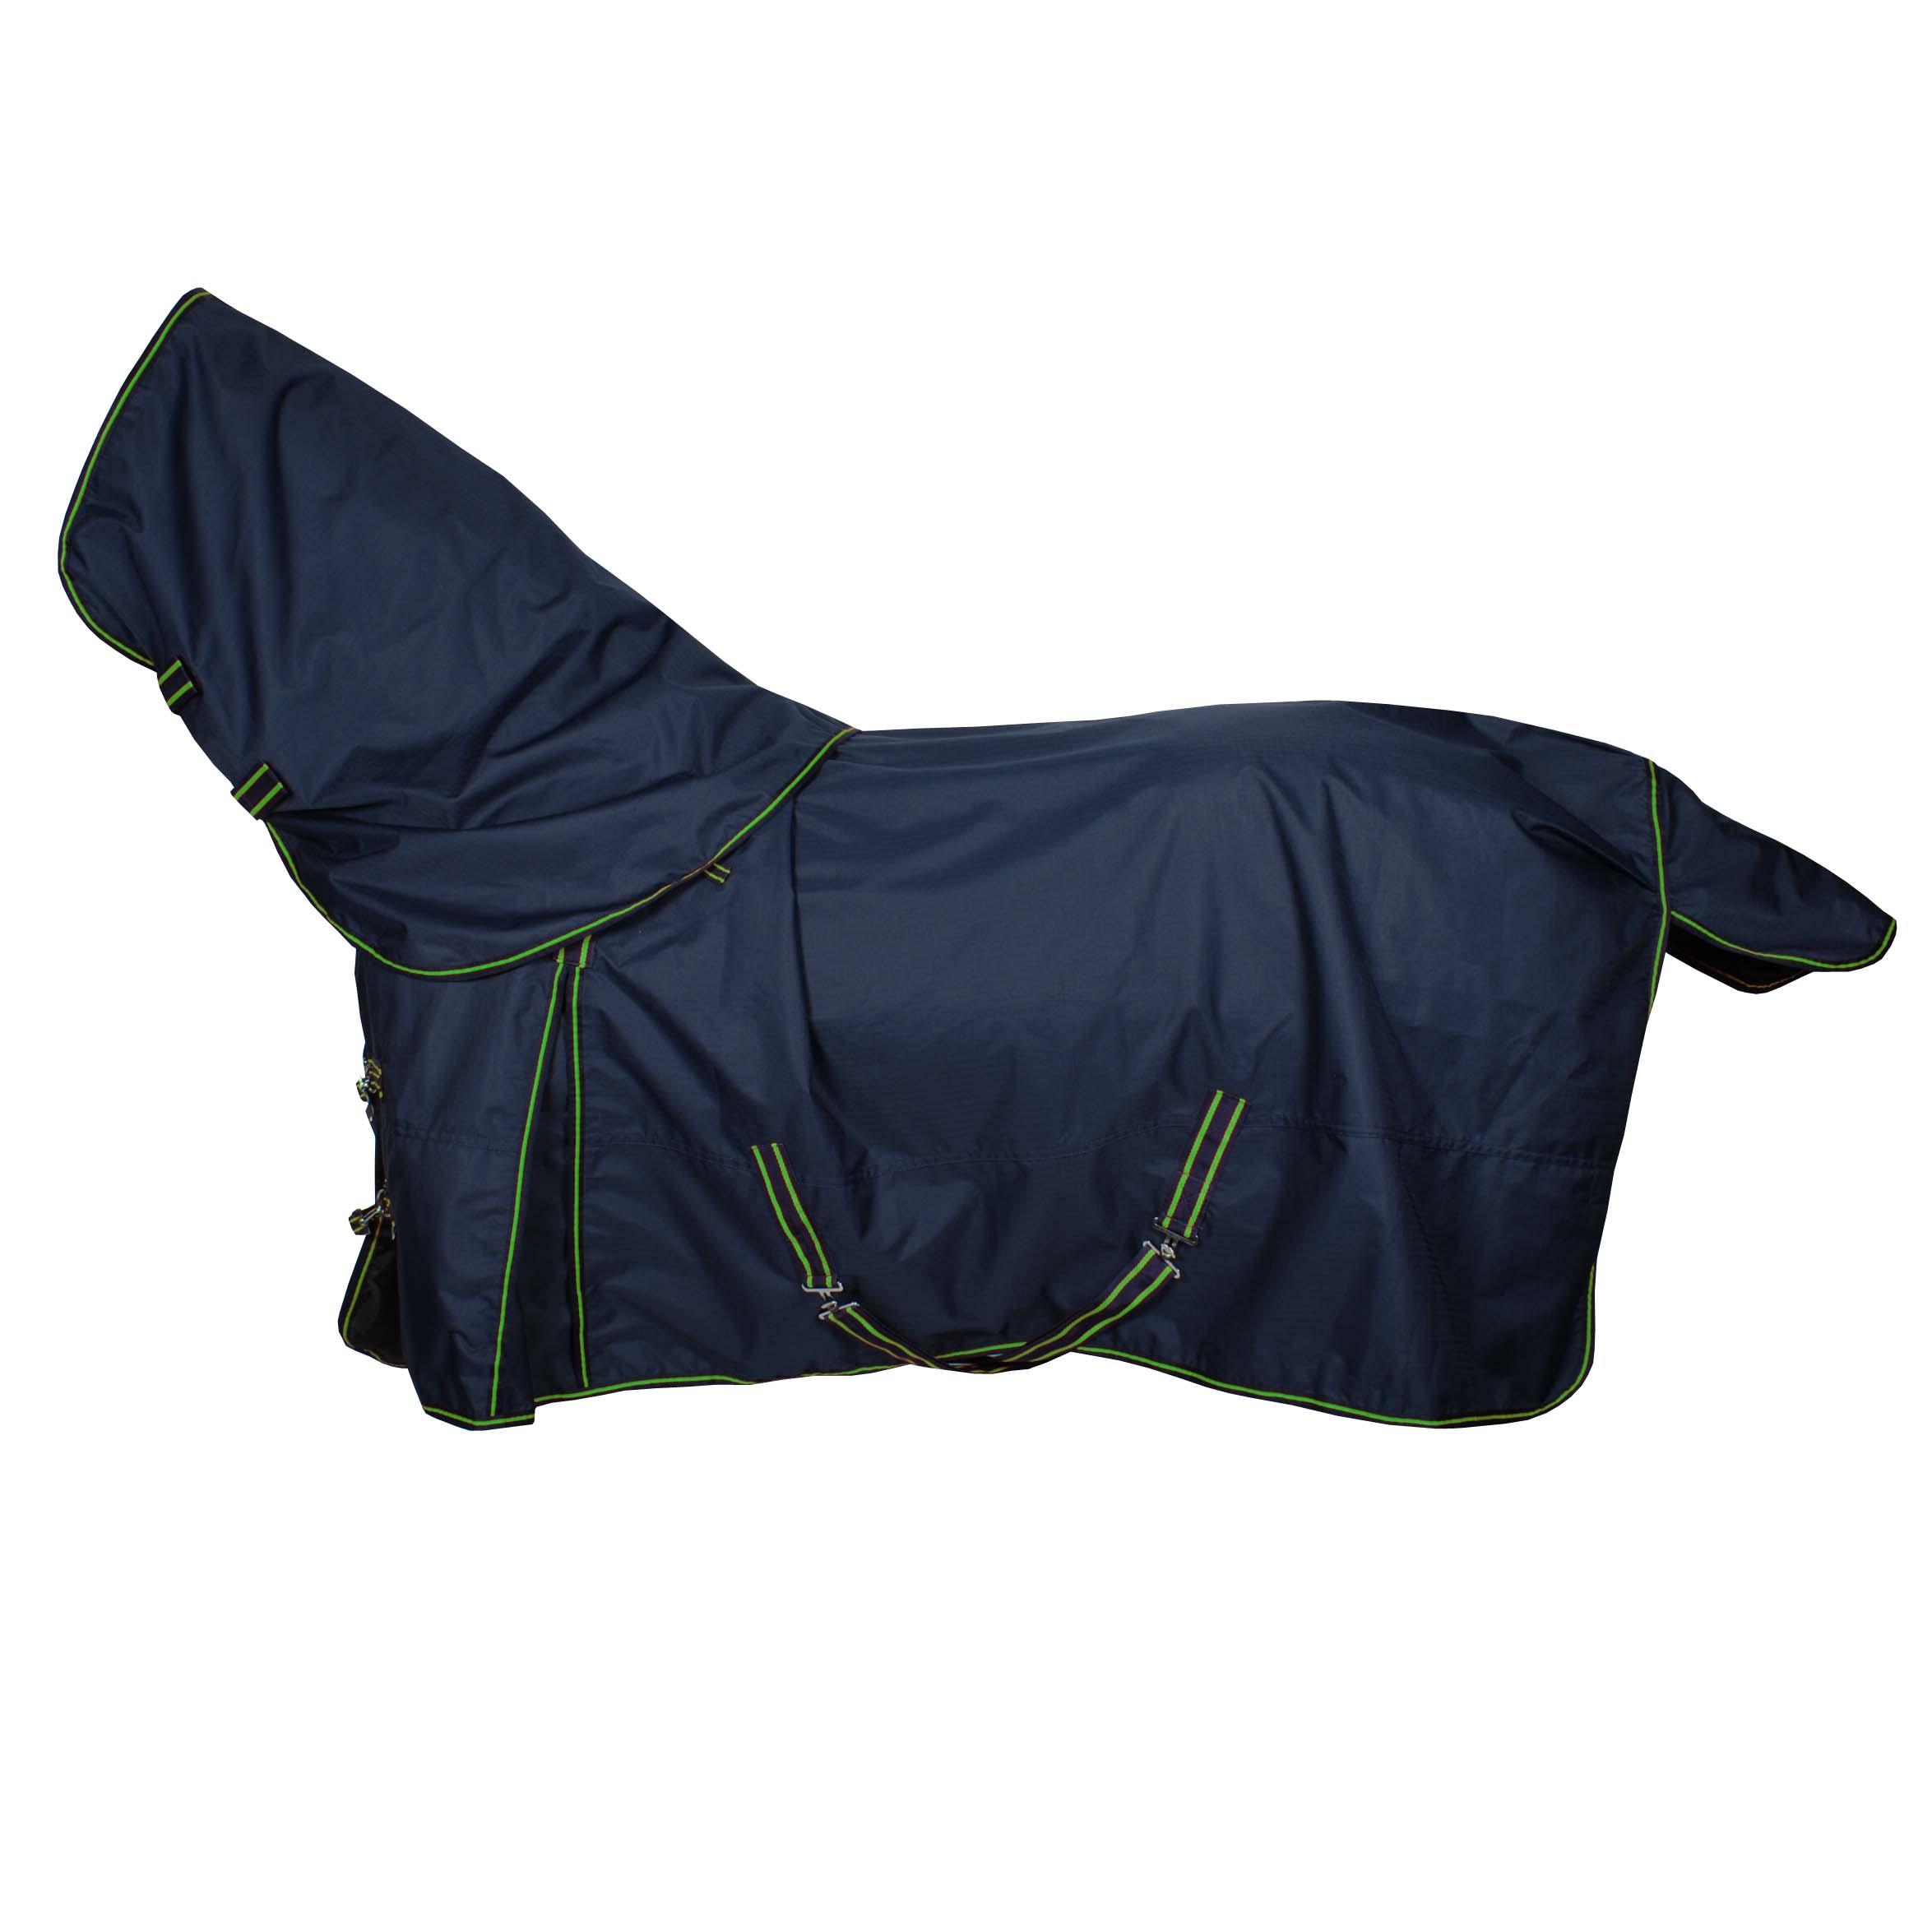 Pagony Outdoordeken Lloro met losse hals 200gr donkerblauw maat:205